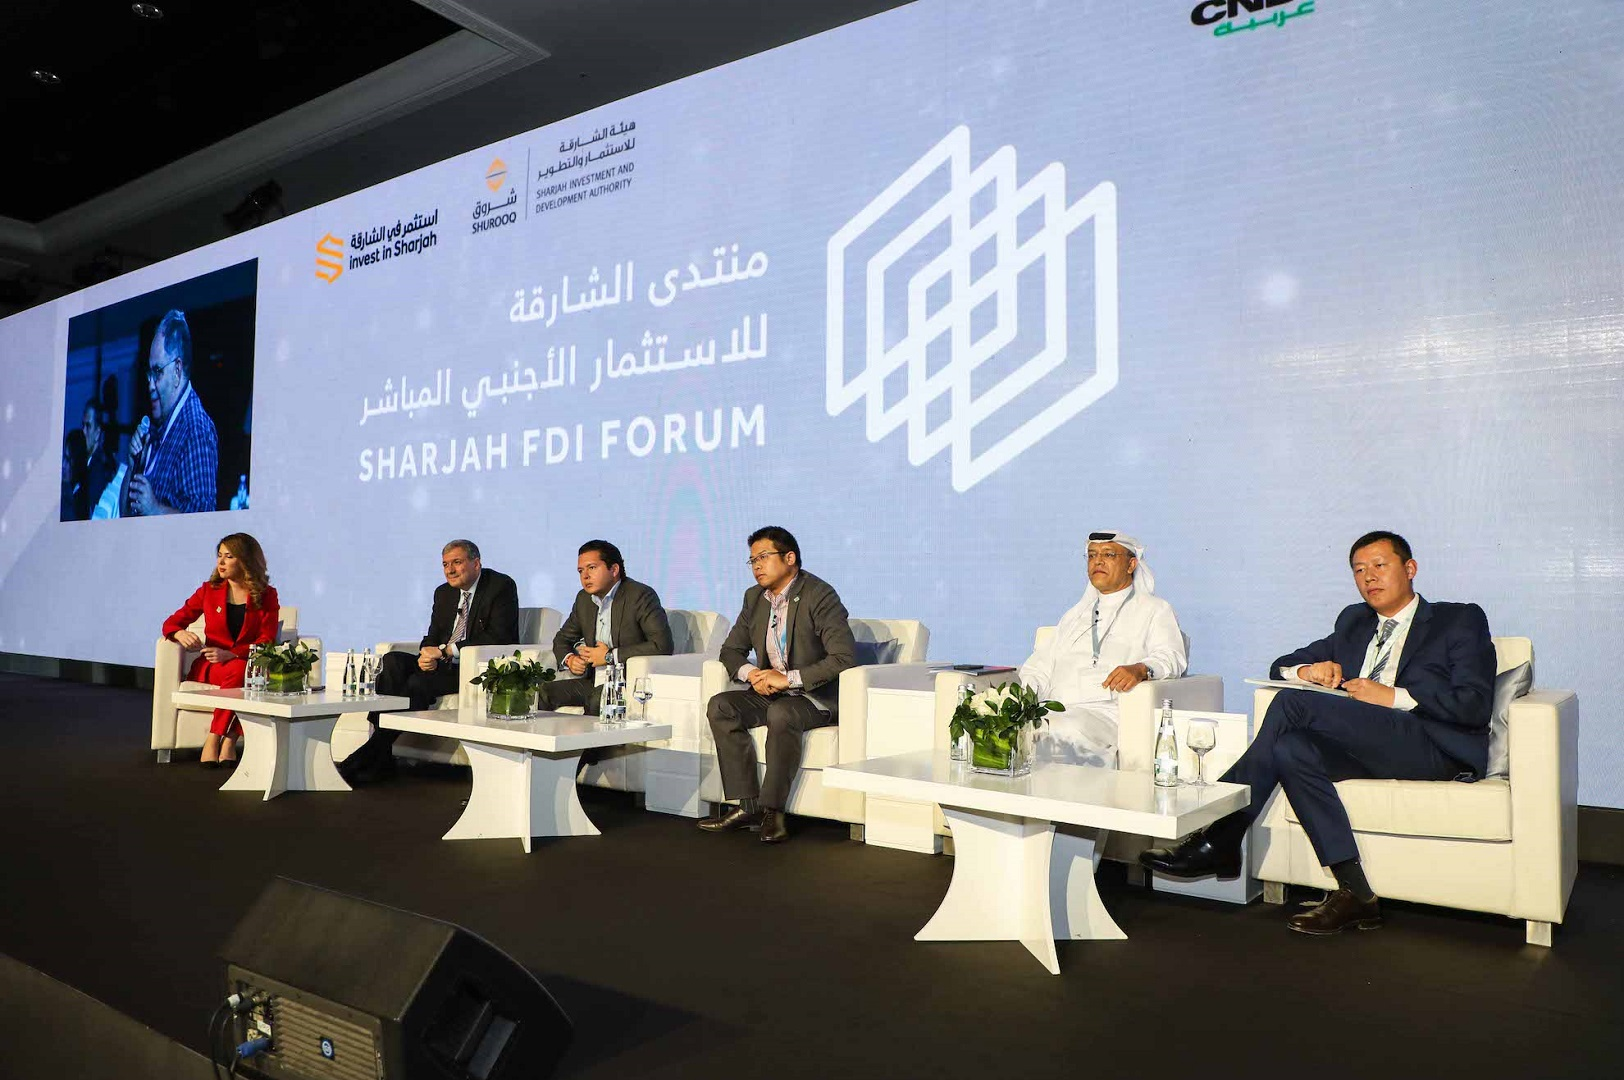 خبراء: الإمارات الأولى إقليمياً بوضع استراتيجيات الثورة الصناعية الرابعة